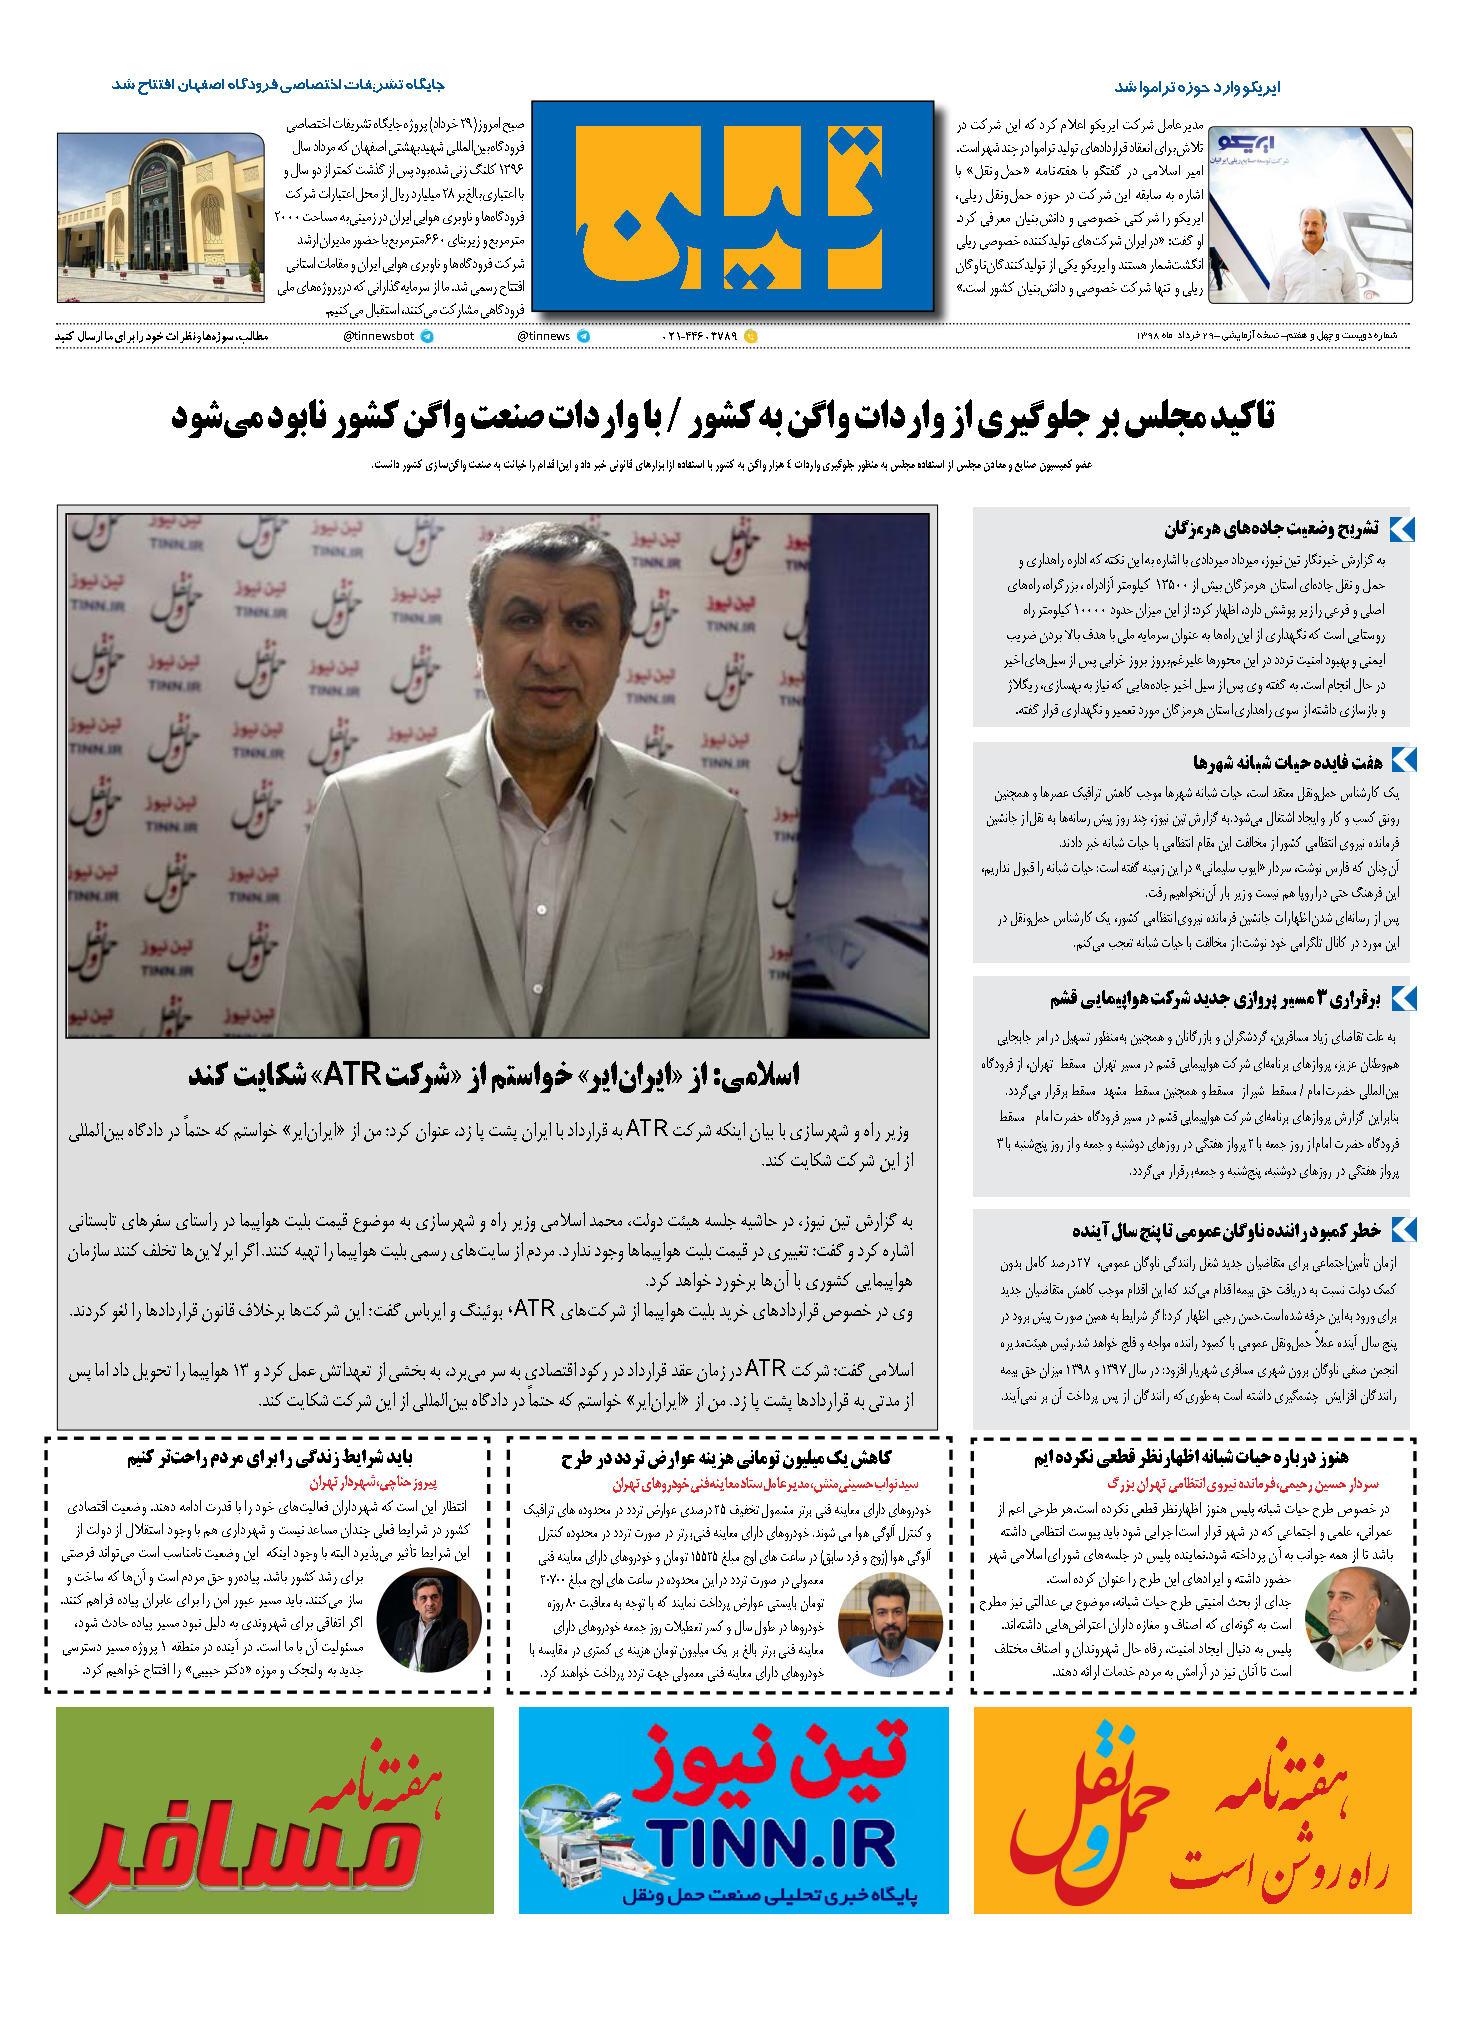 روزنامه الکترونیک 29 خرداد ماه 98